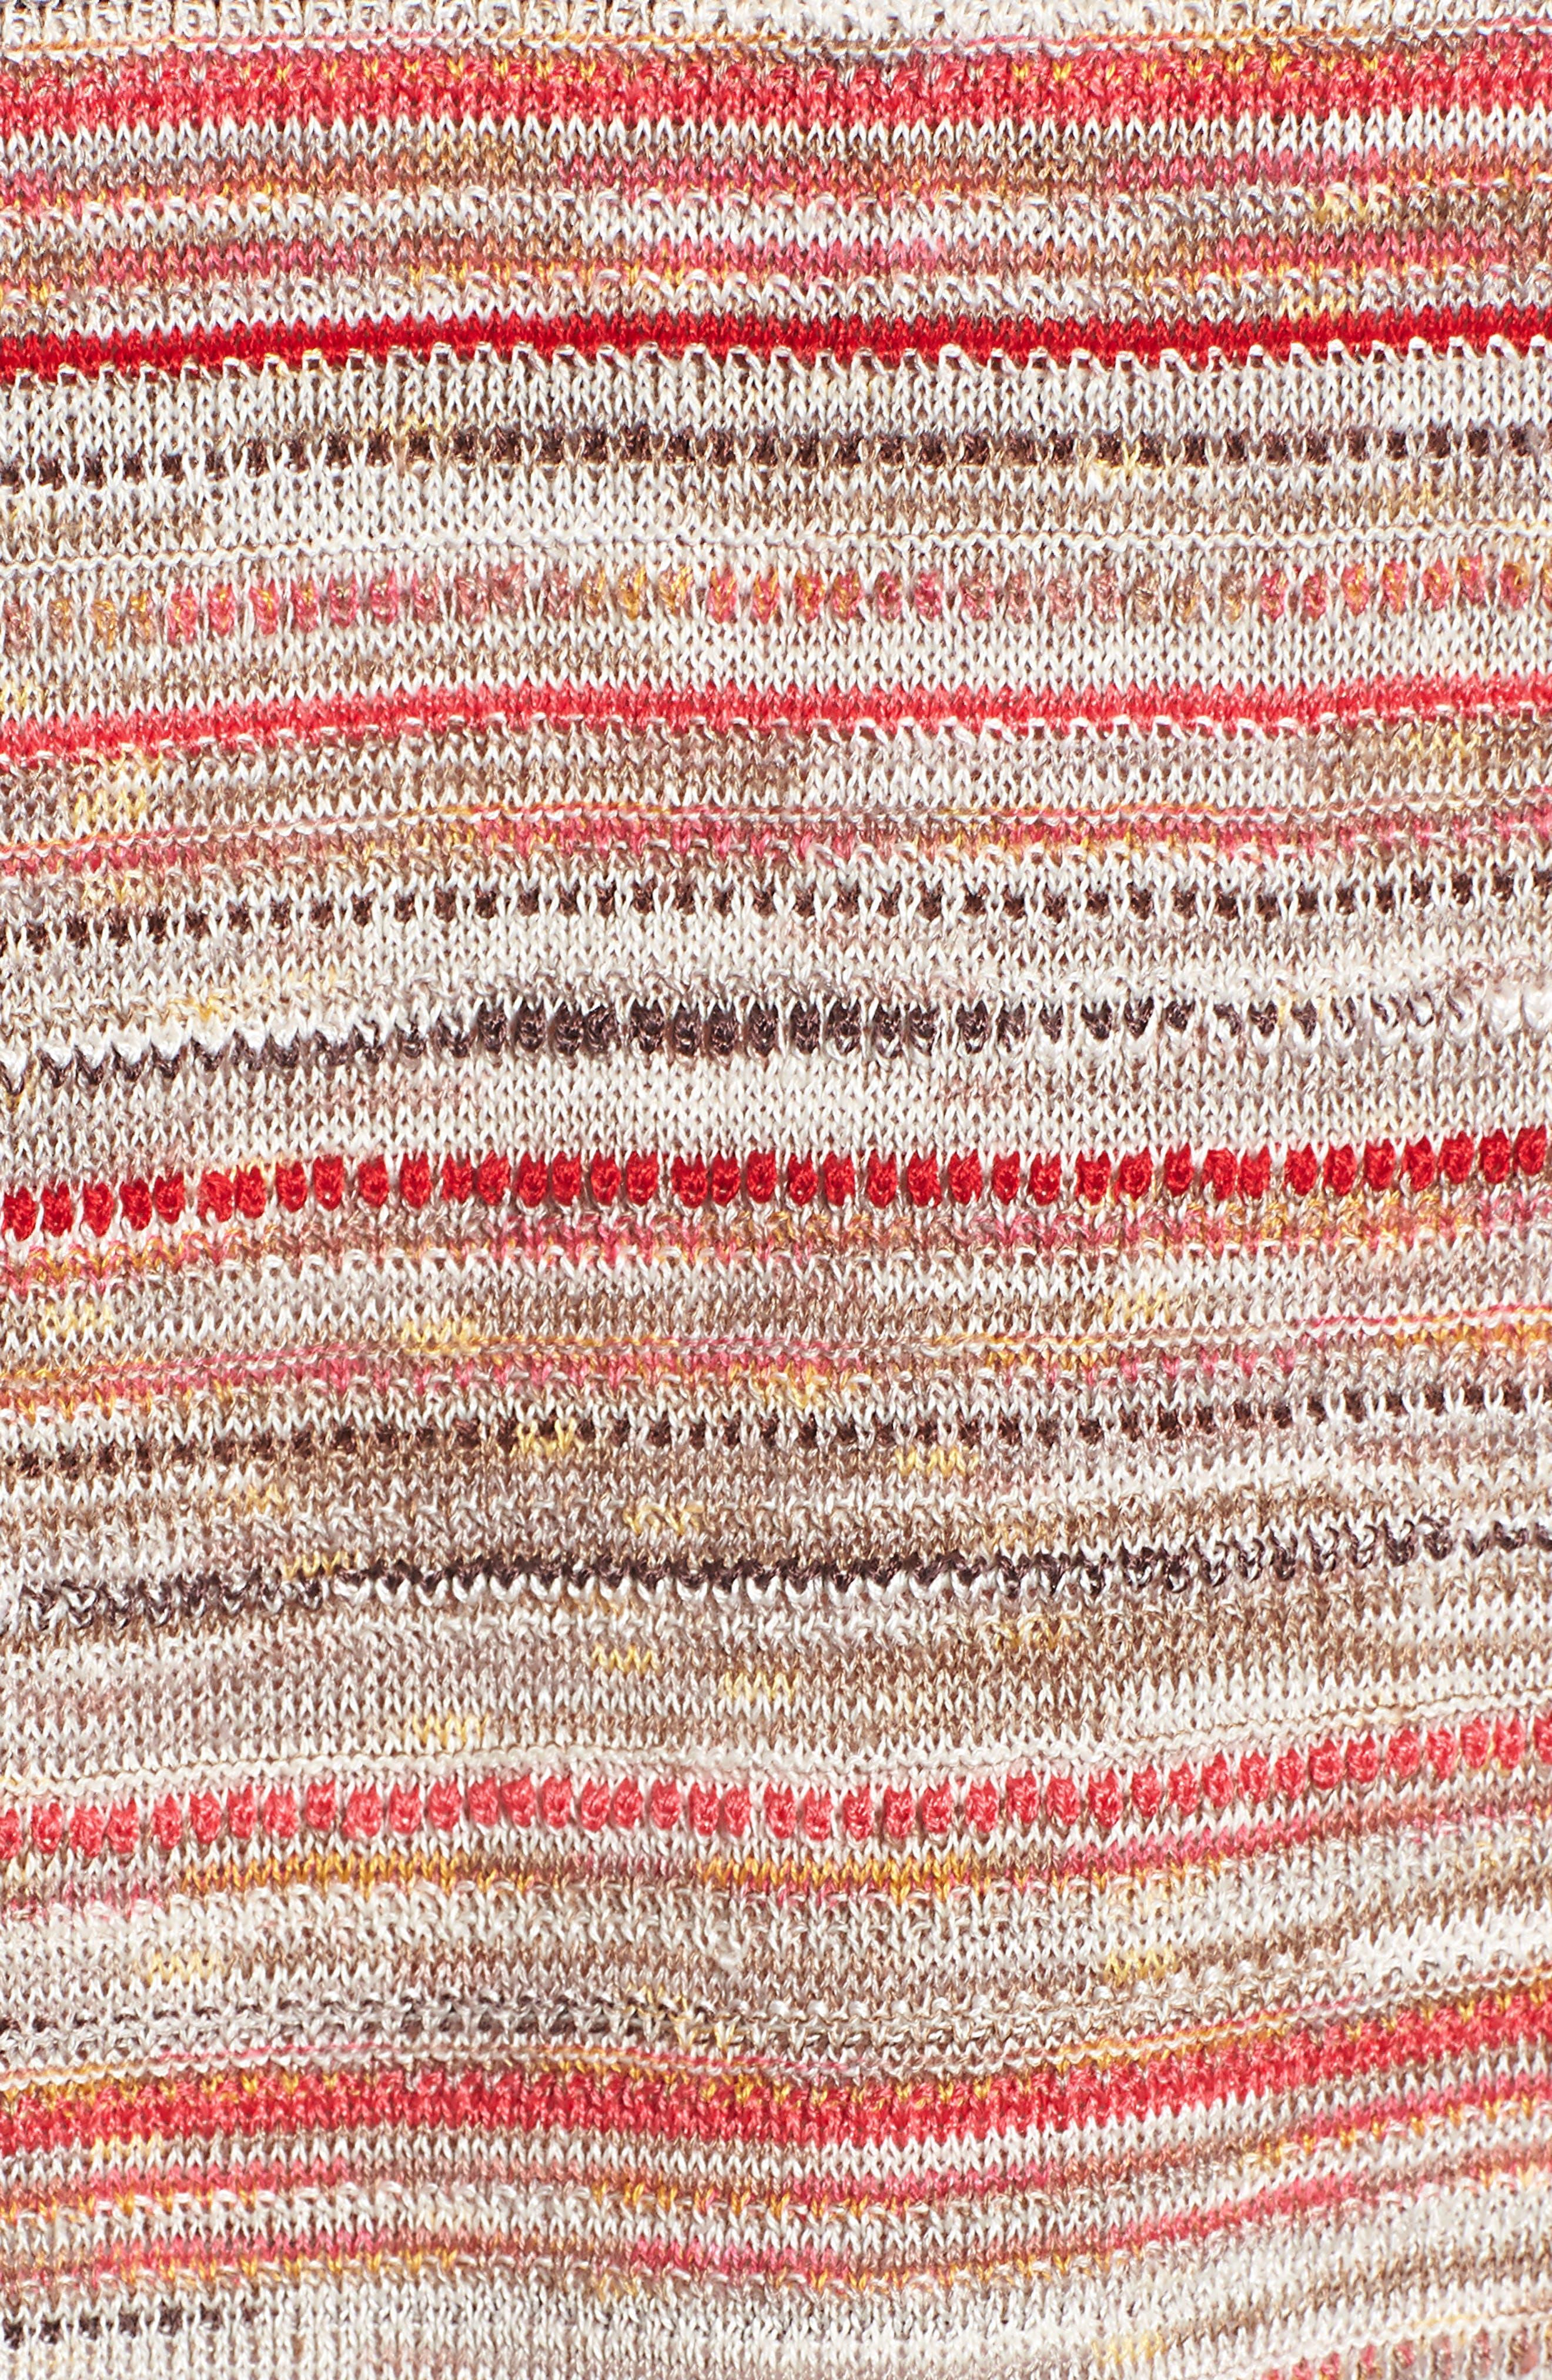 Arizona Sunset Knit Top,                             Alternate thumbnail 5, color,                             Multi